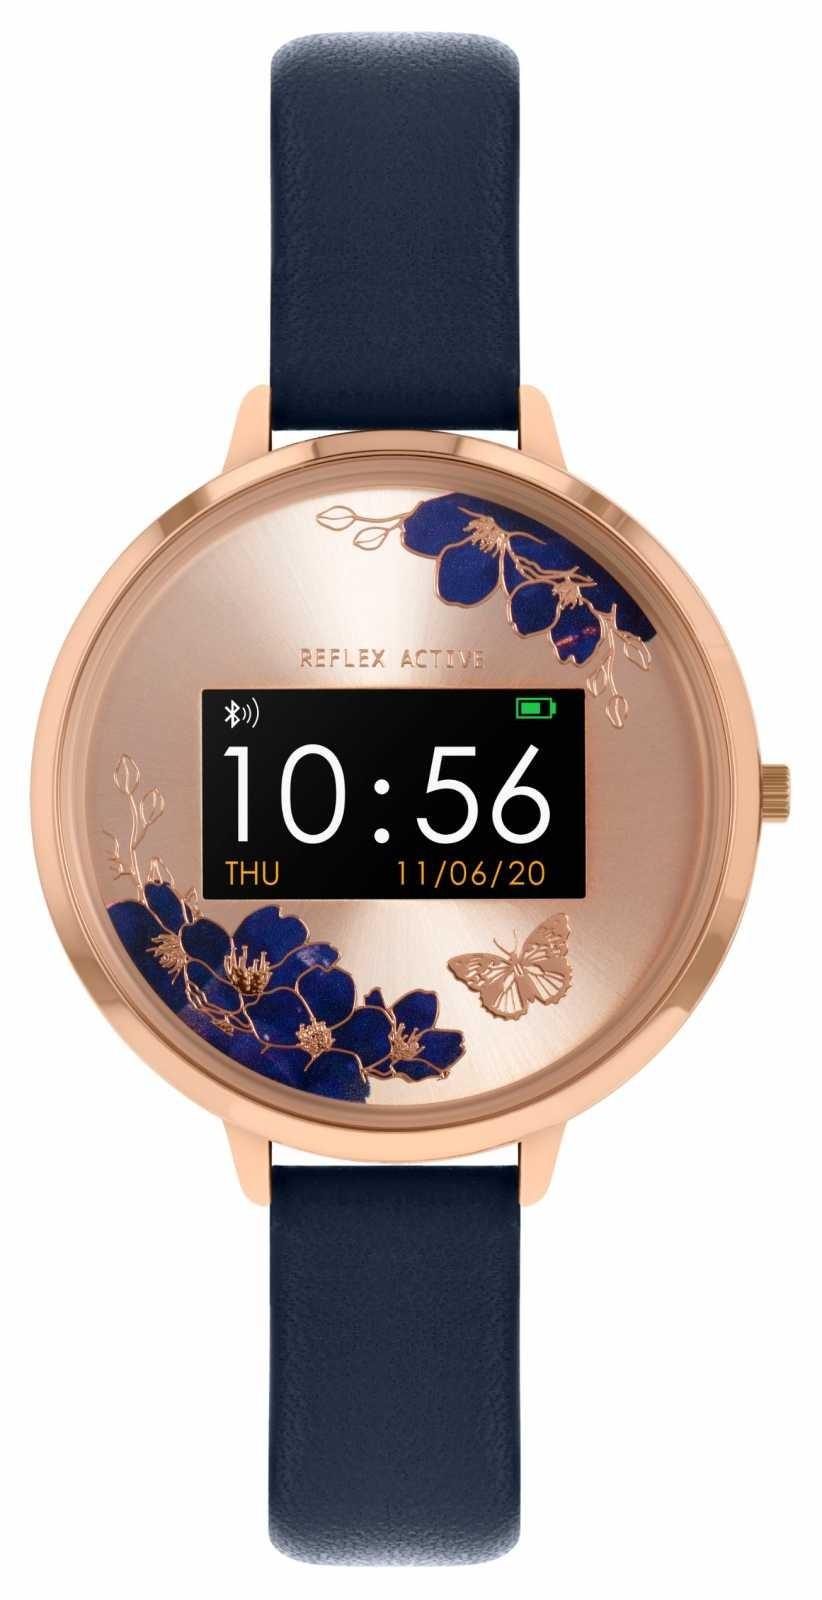 Reflex Active Series 3 Smart Watch   Blue Strap RA03-2042